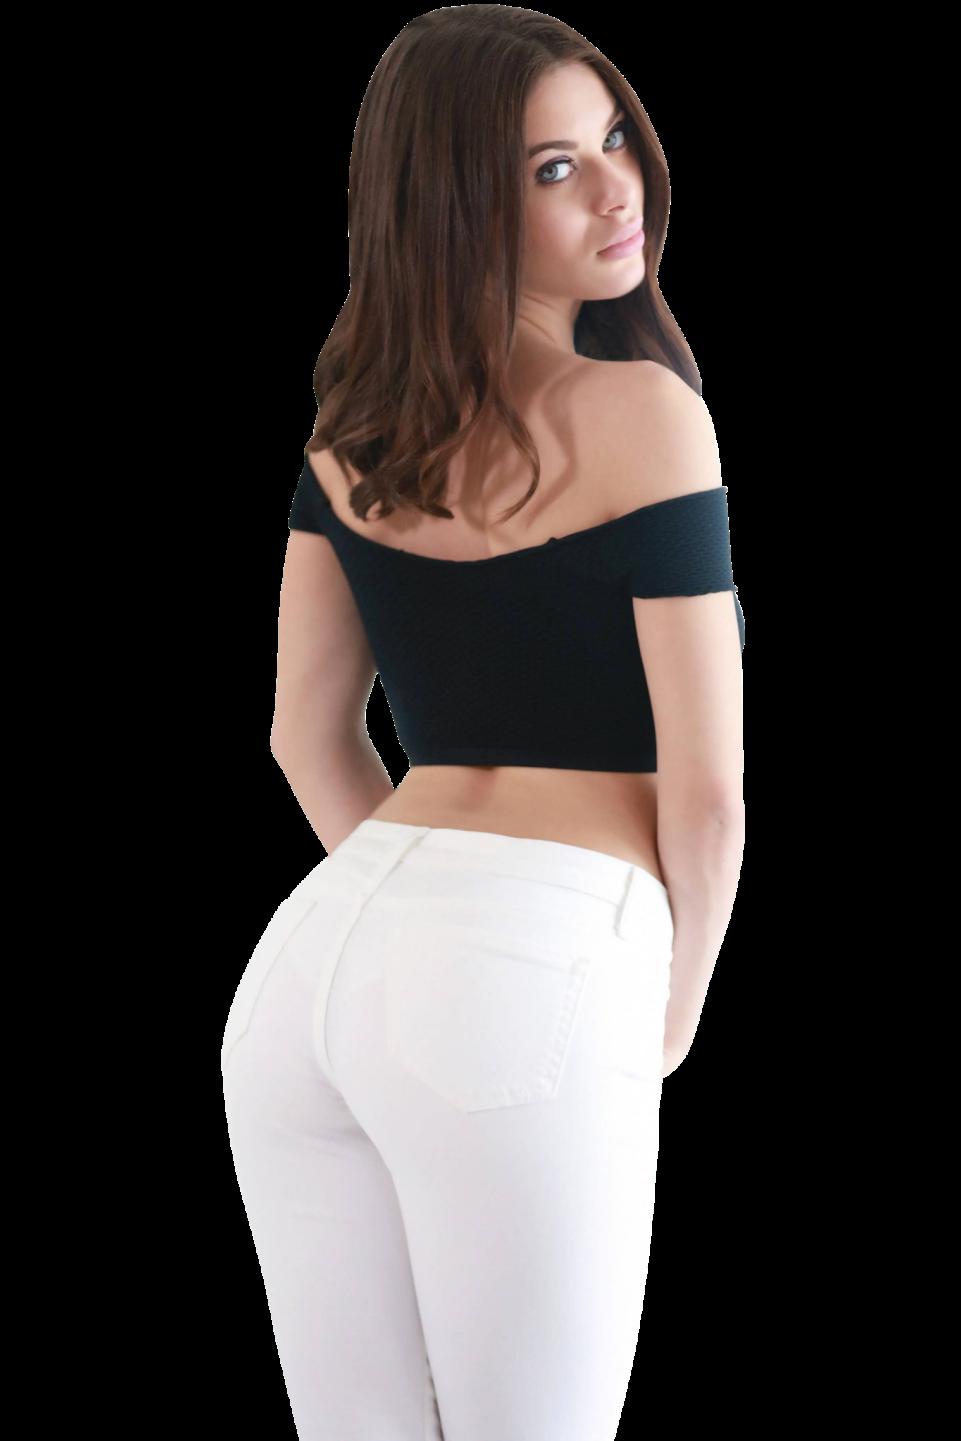 Lana Rhoades wearing White Jeans PNG Image